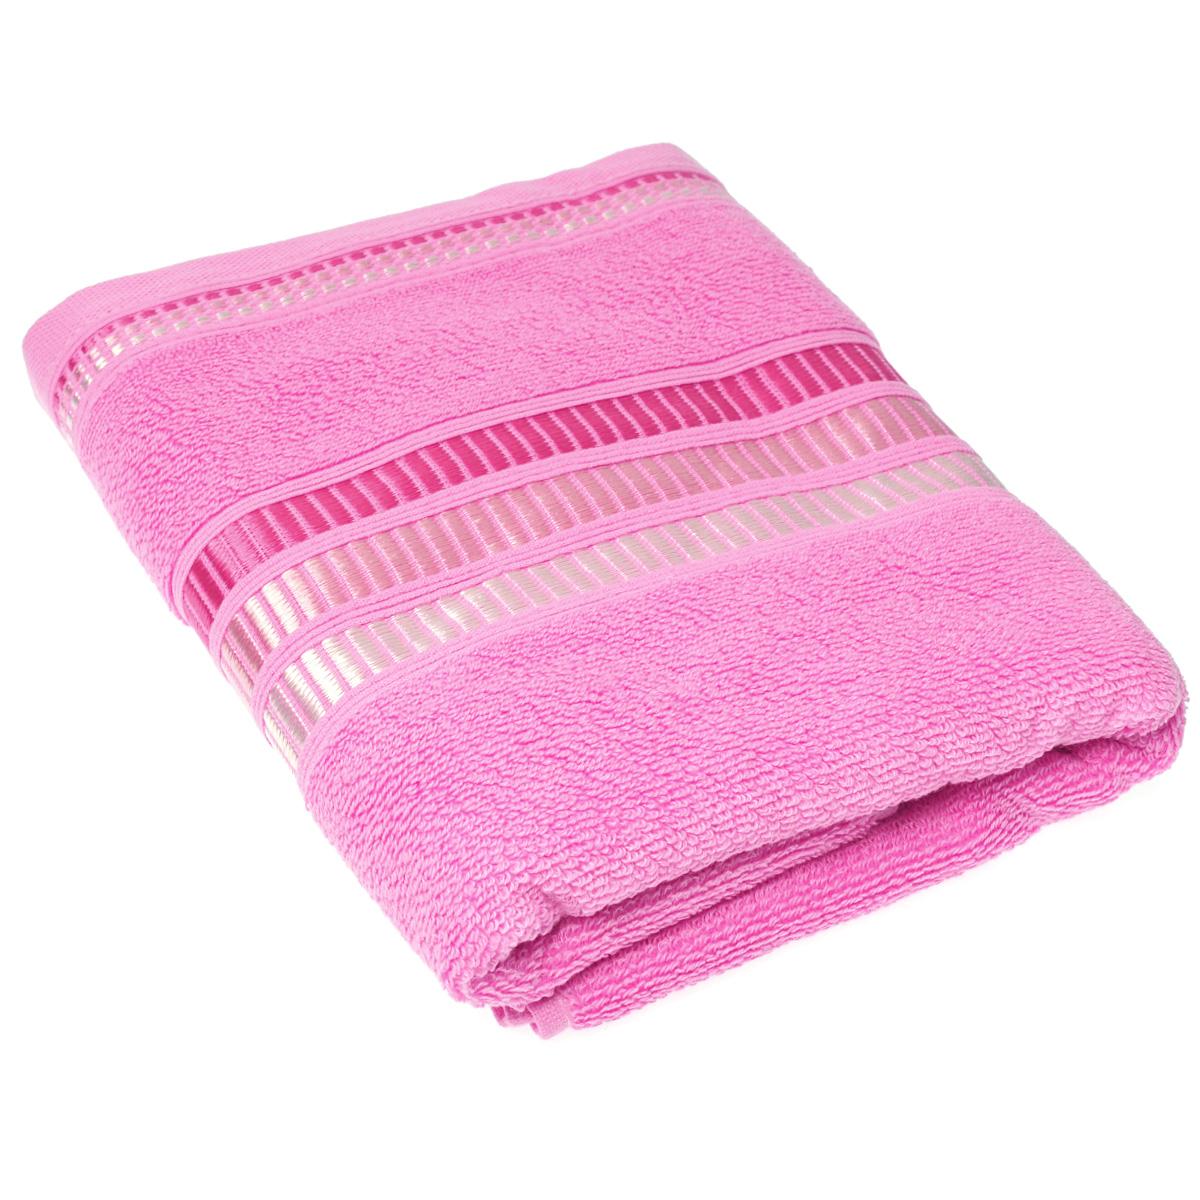 Полотенце махровое Coronet Пиано, цвет: розовый, 100 см х 150 смБ-МП-2020-10-06Махровое полотенце Coronet Пиано, изготовленное из натурального хлопка, подарит массу положительных эмоций и приятных ощущений. Полотенце отличается нежностью и мягкостью материала, утонченным дизайном и превосходным качеством. Оно прекрасно впитывает влагу, быстро сохнет и не теряет своих свойств после многократных стирок. Махровое полотенце Coronet Пиано станет достойным выбором для вас и приятным подарком для ваших близких. Мягкость и высокое качество материала, из которого изготовлены полотенца не оставит вас равнодушными.